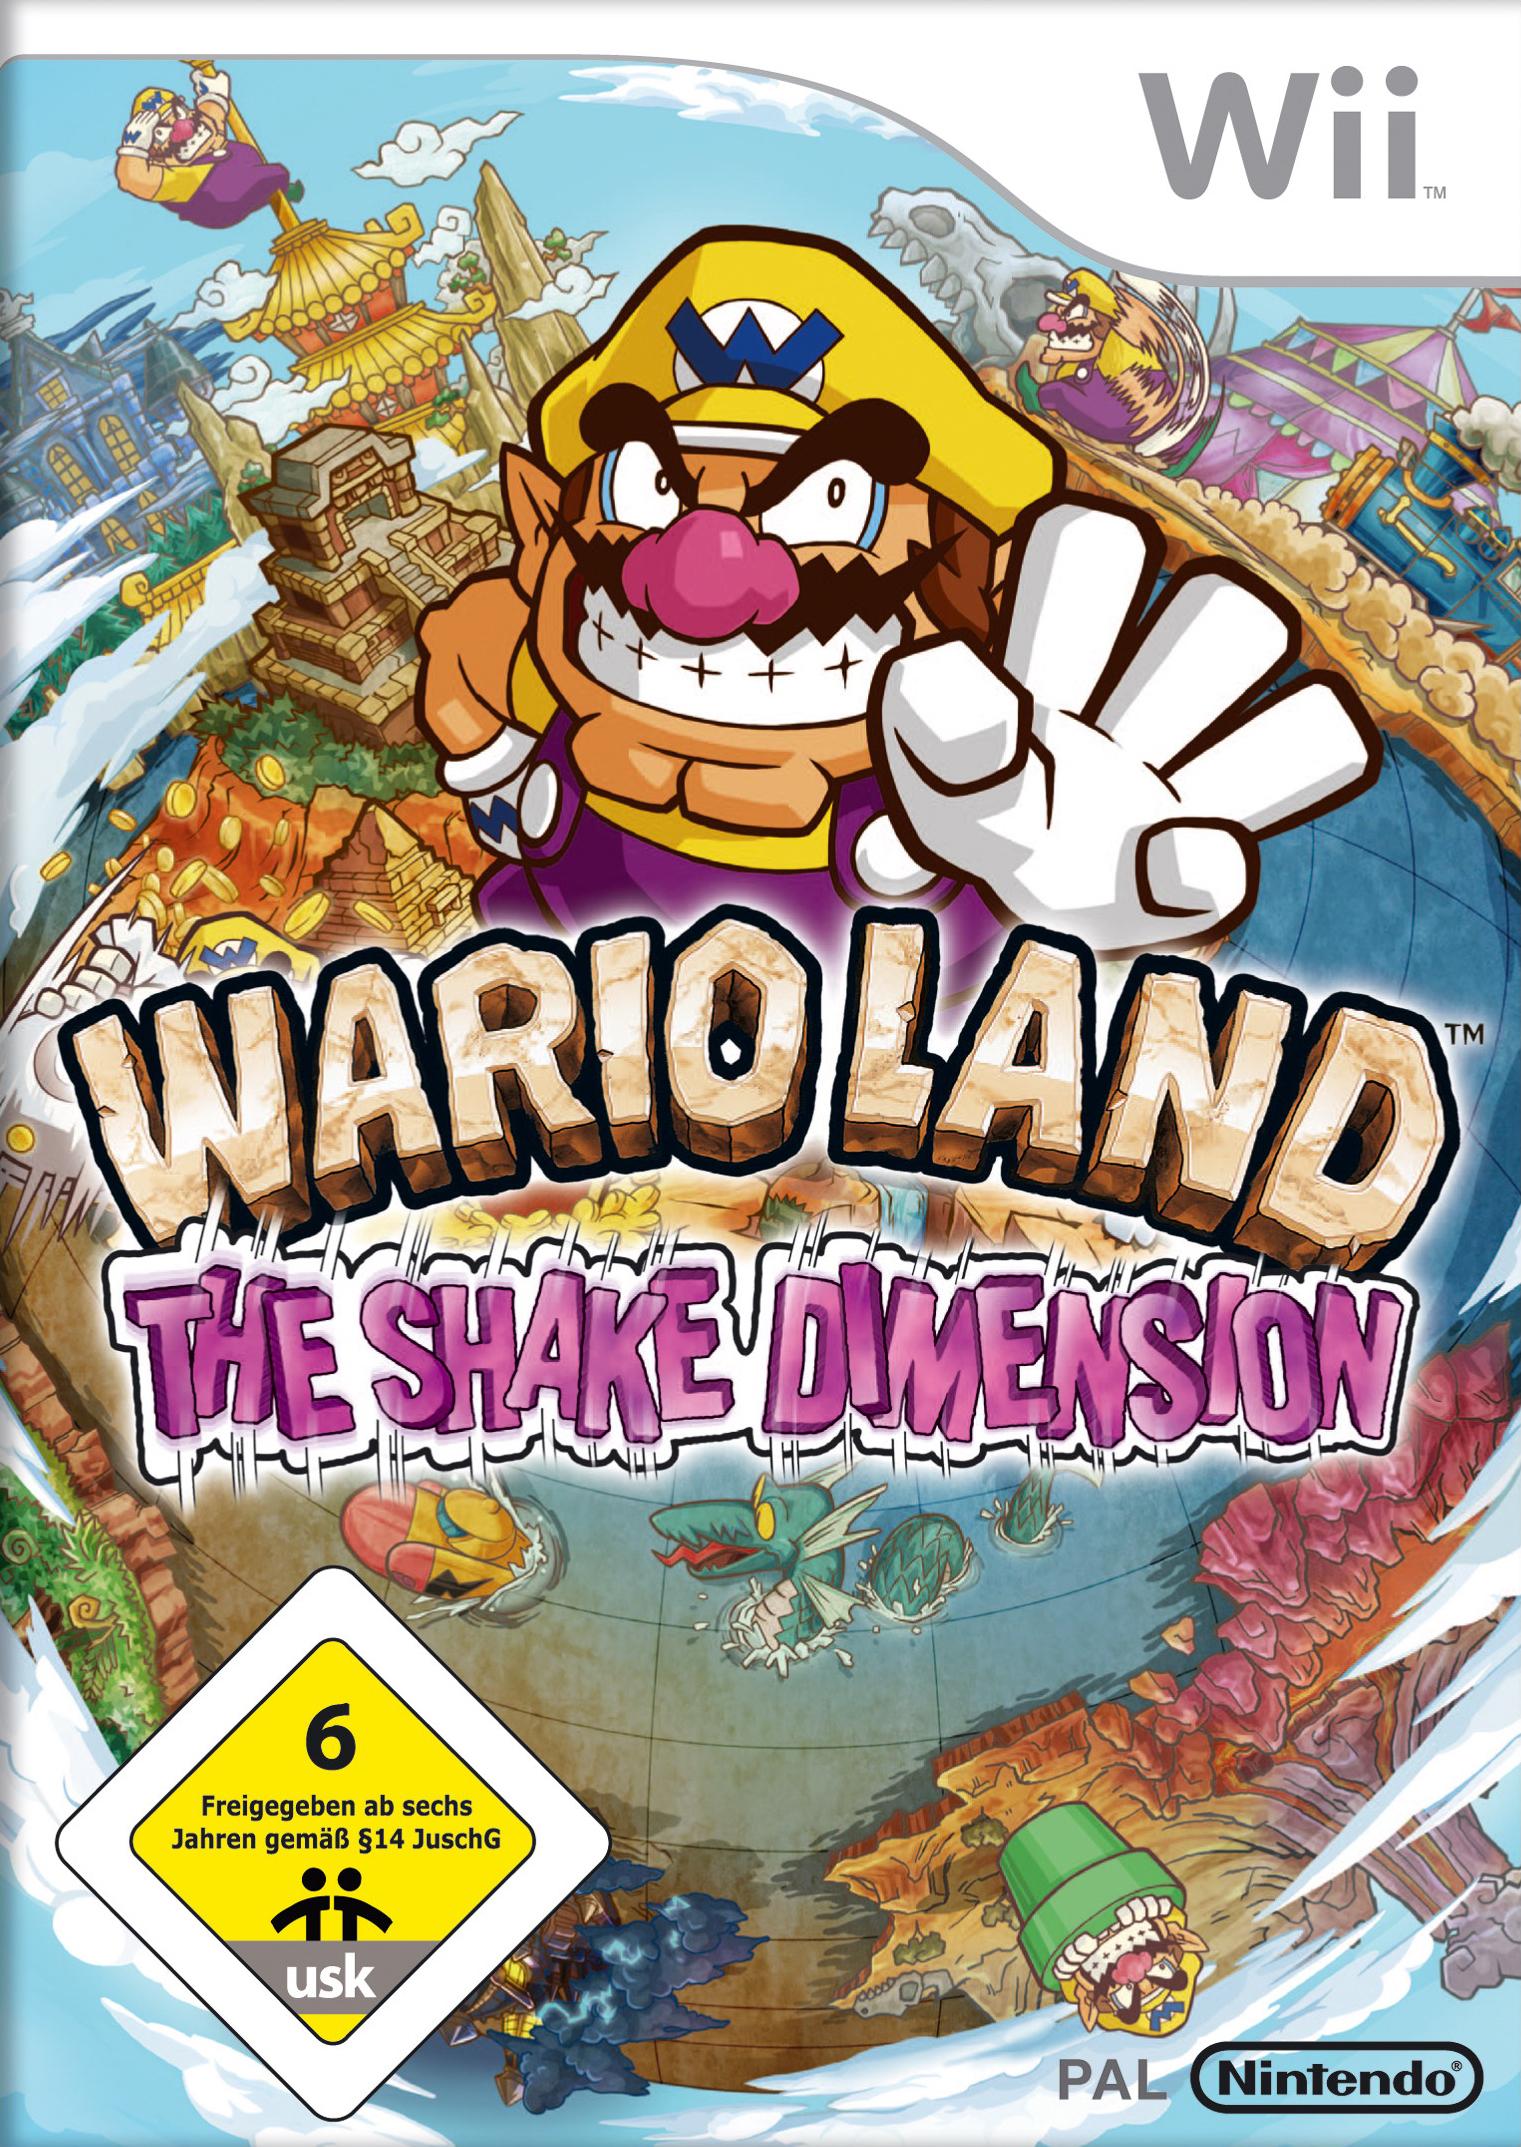 ¿A qué videojuego estais jugando ahora mismo? - Página 4 Wario_Land_The_Shake_Dimension_-_Germany_Boxart